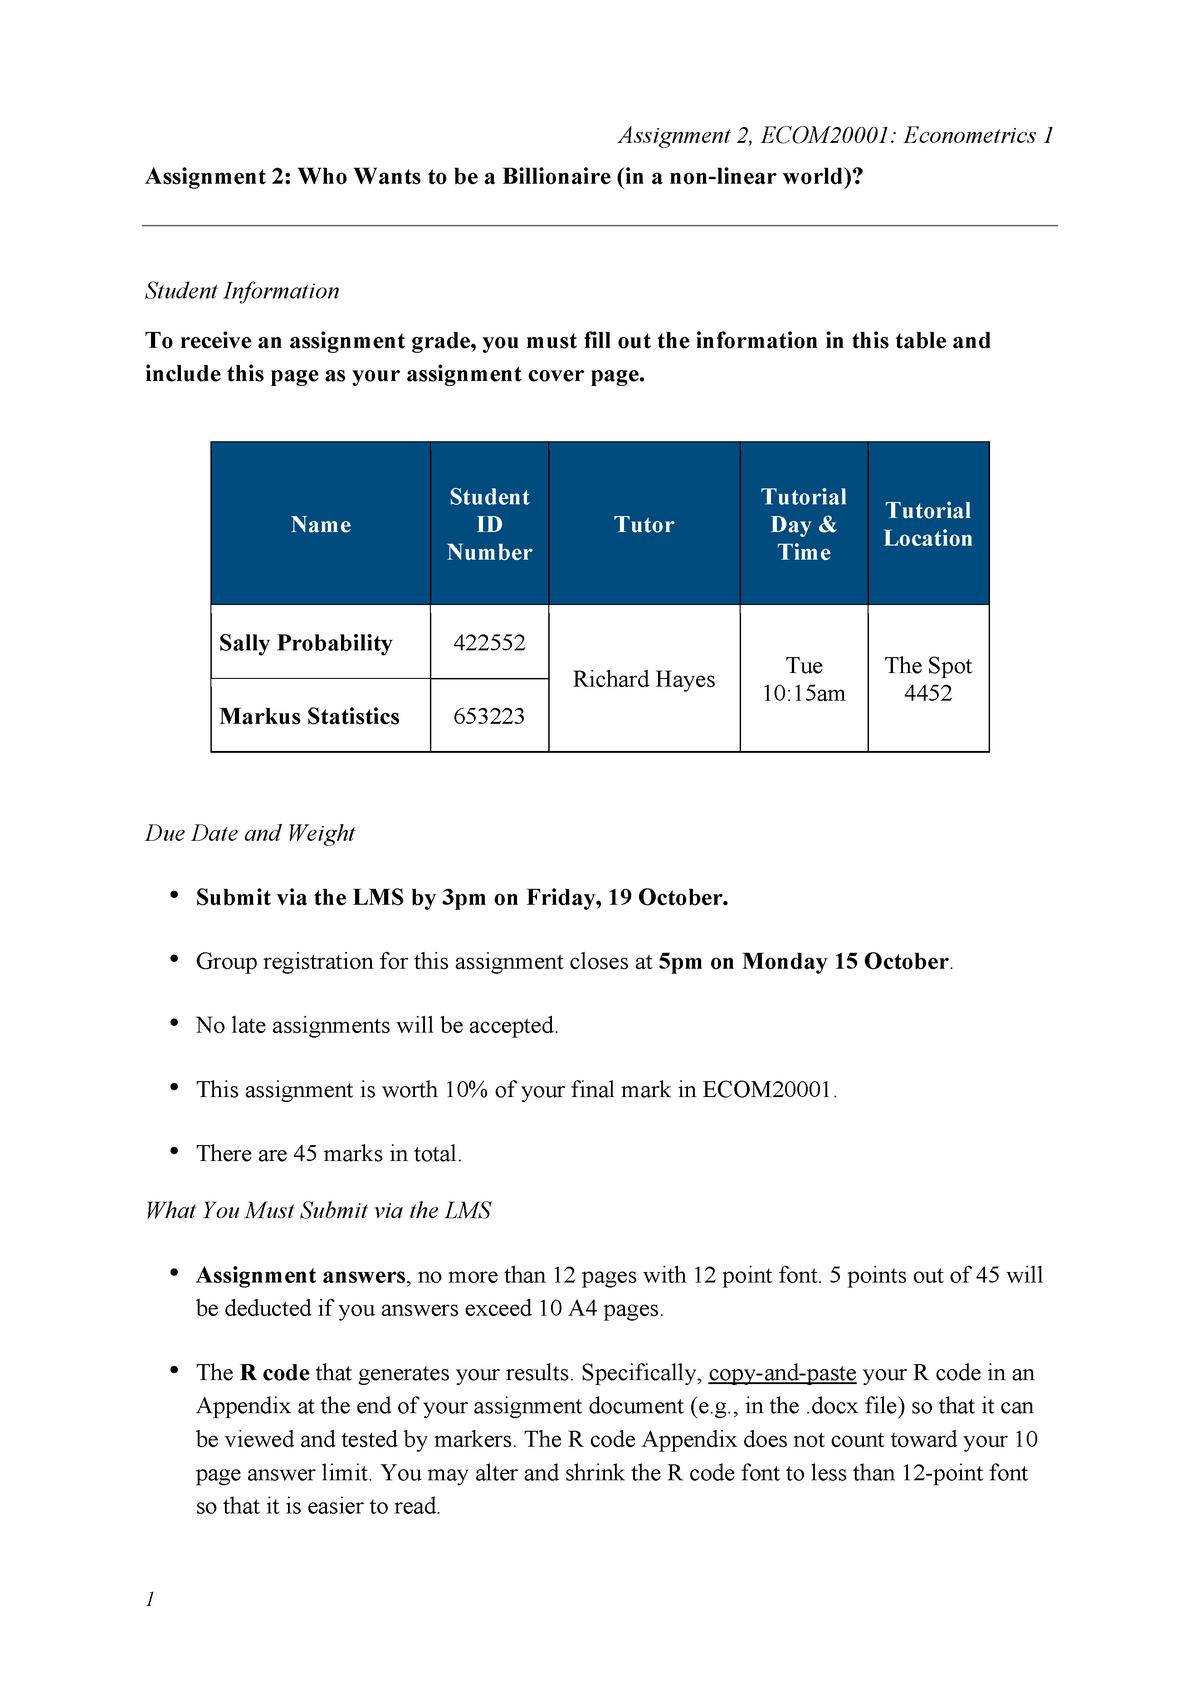 Assignment 2 econometrics - ECOM20001 - Unimelb - StuDocu